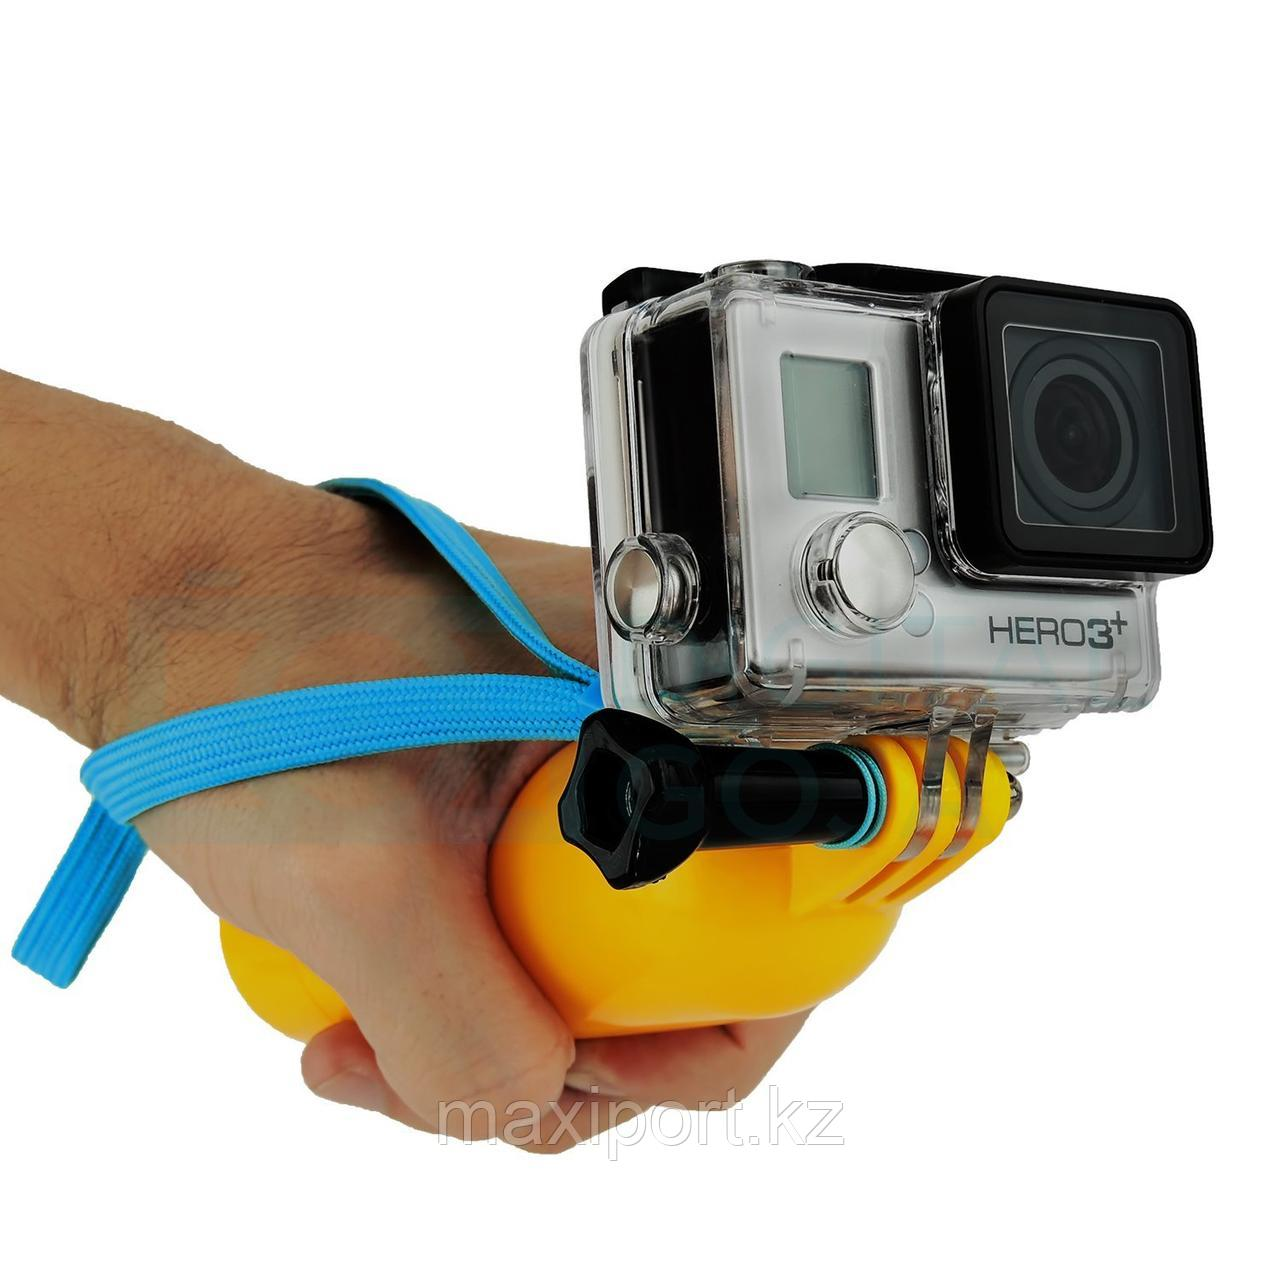 Поплавок для GoPro